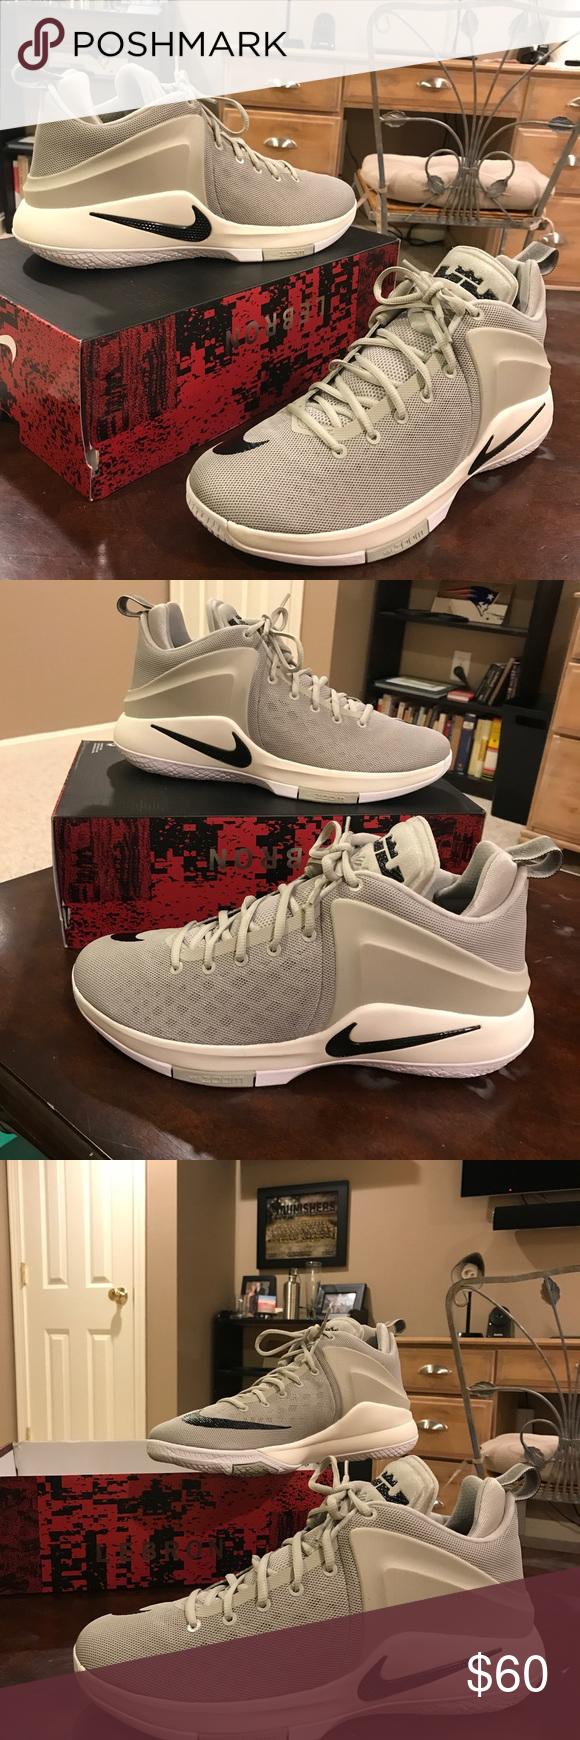 Lebron James Nike Zoom Witness